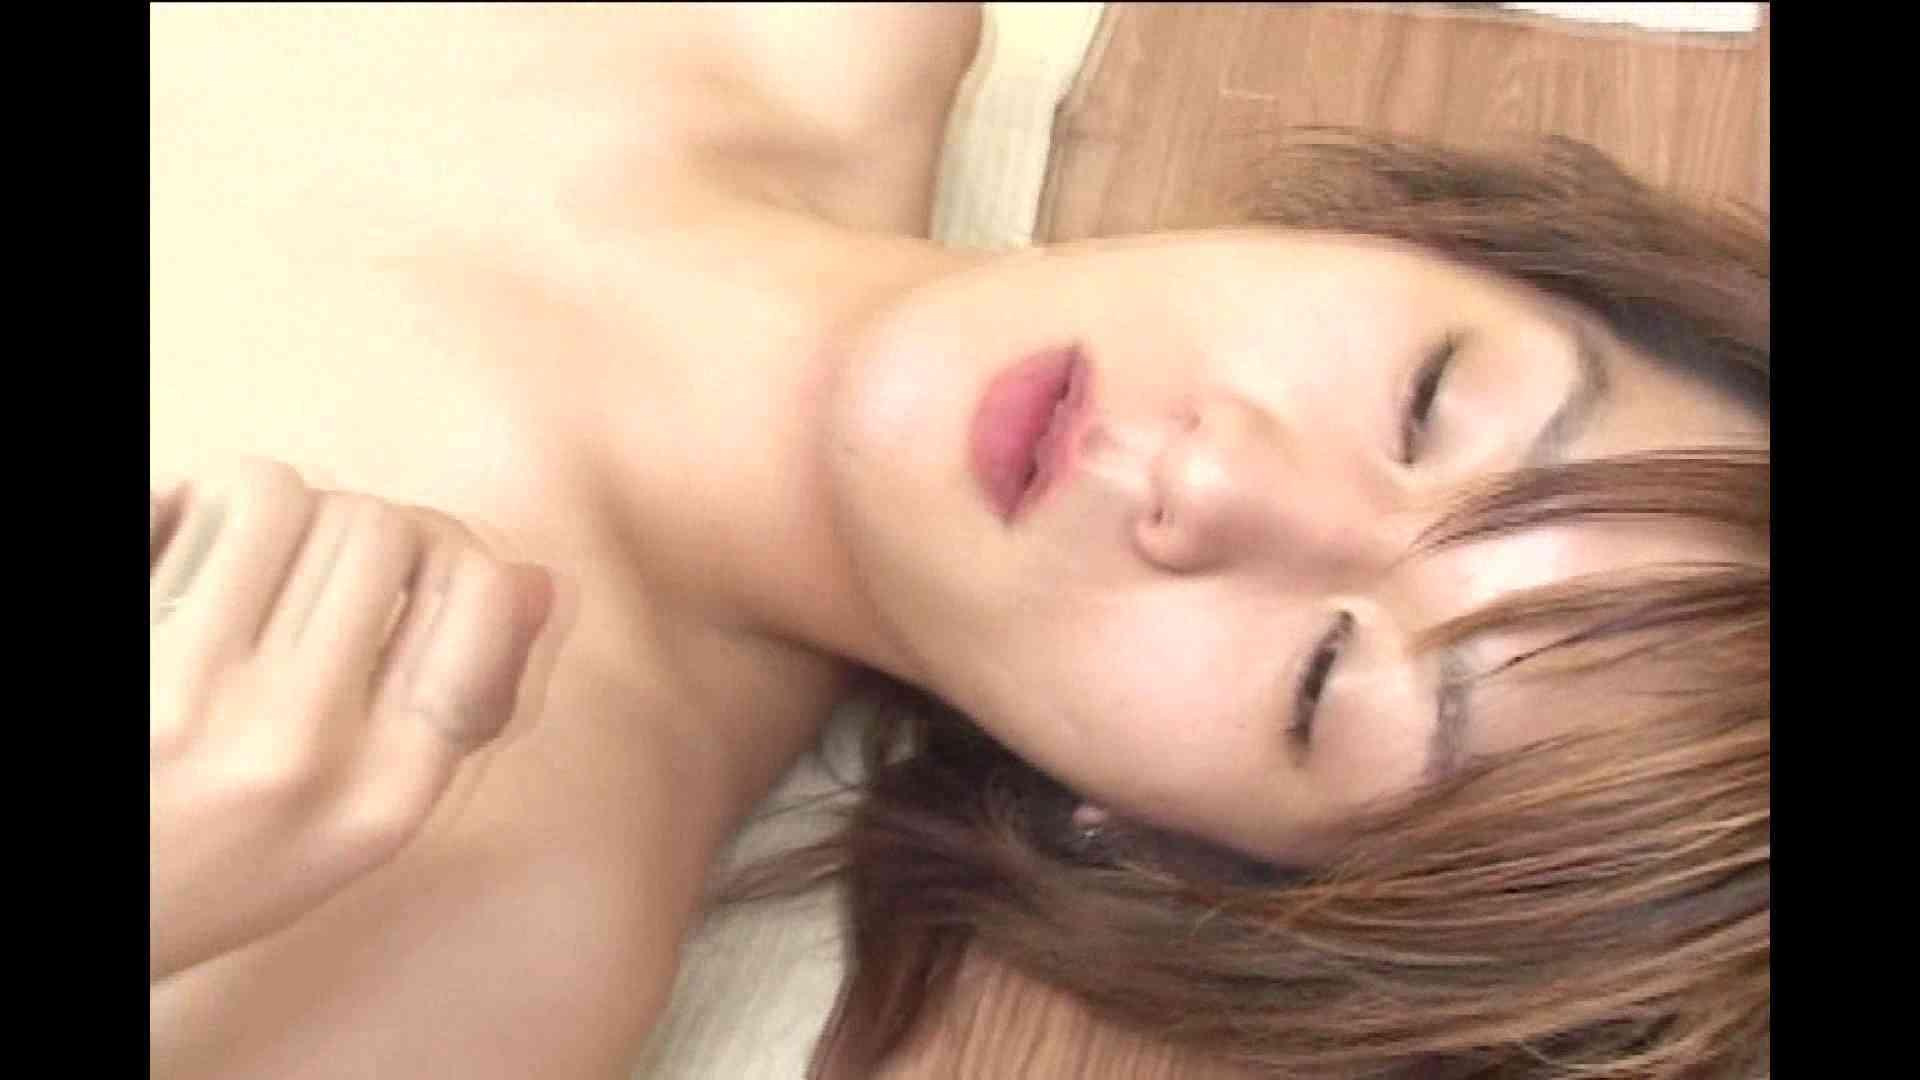 ヤリヤリ野郎共倶楽部vol.24後編 エロエロ動画   男・男・男  103枚 27